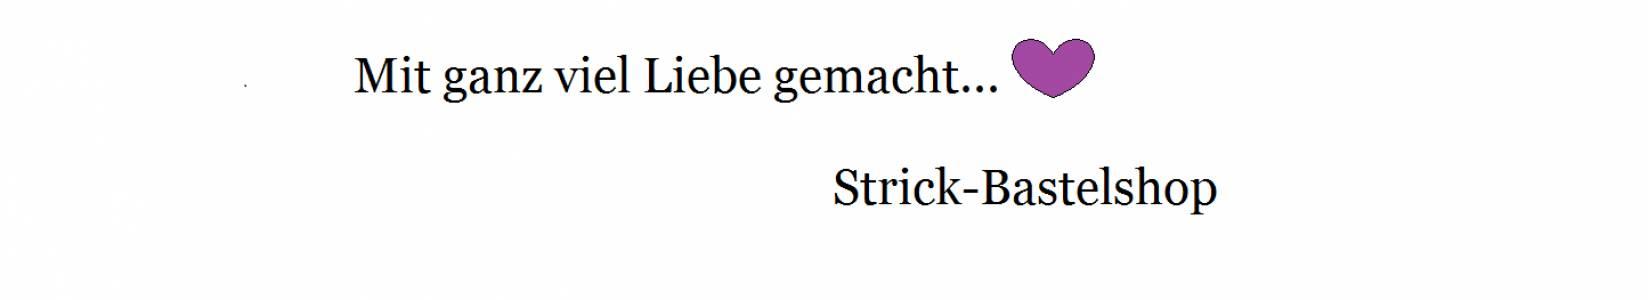 Strick-Bastelshop auf kasuwa.de